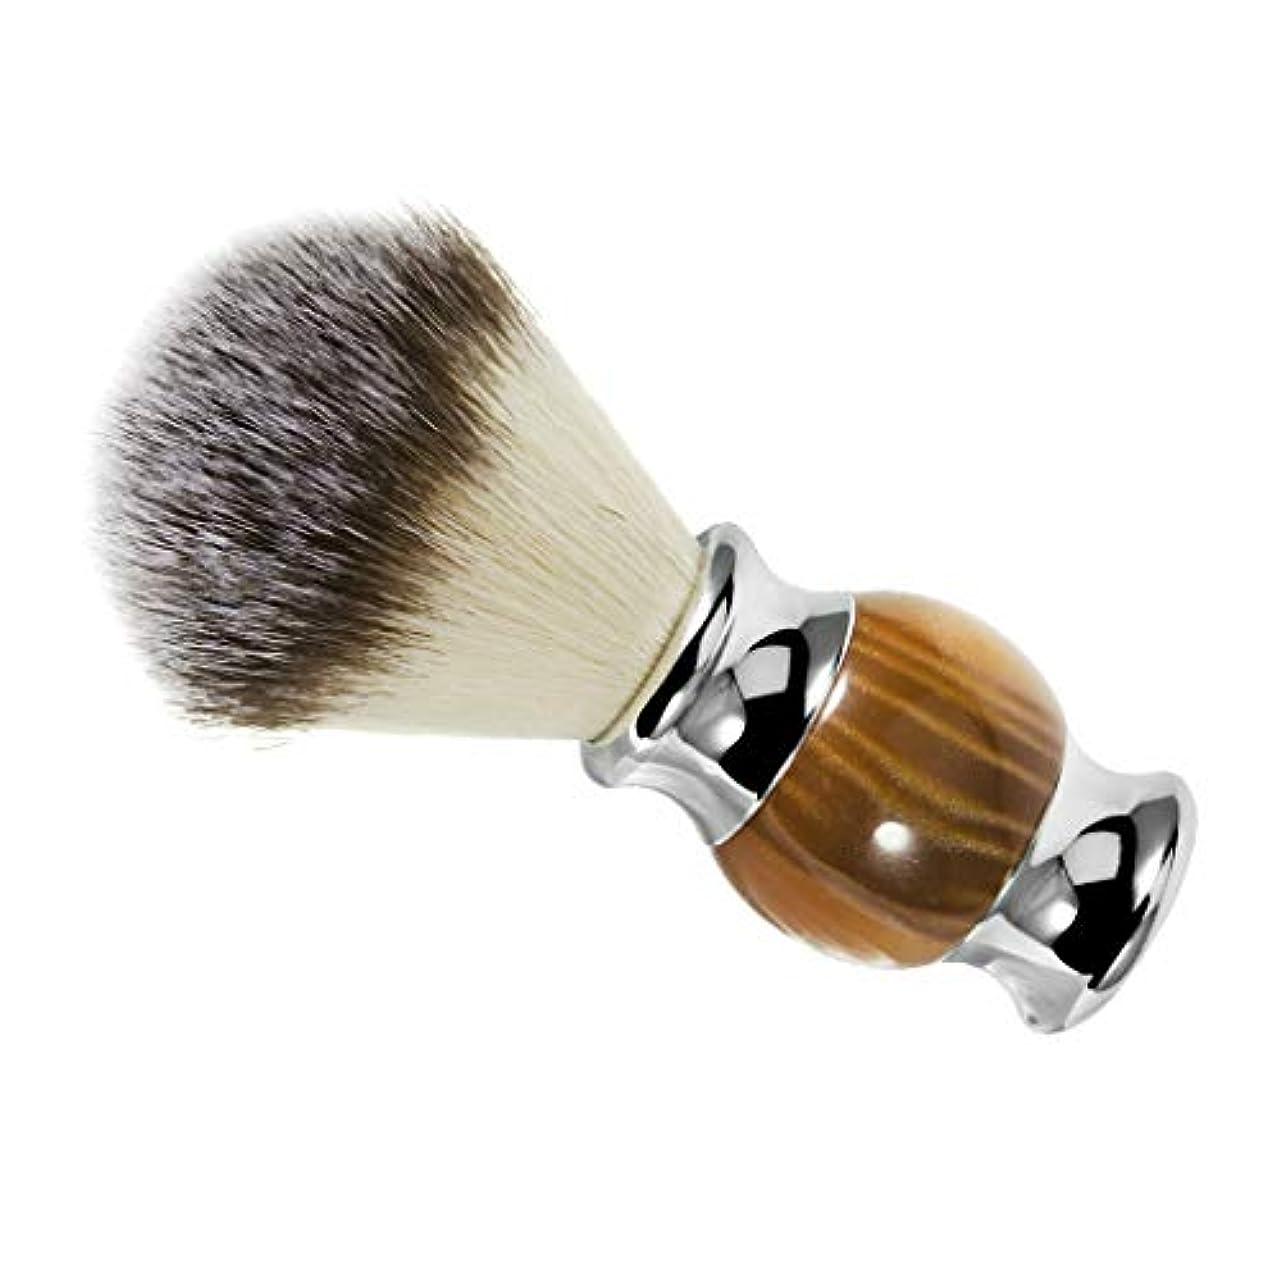 木製繊細デジタルchiwanji シェービングブラシ ひげ剃りブラシ 口ひげブラシ 理髪サロン 髭剃り ひげ剃り 泡立ち